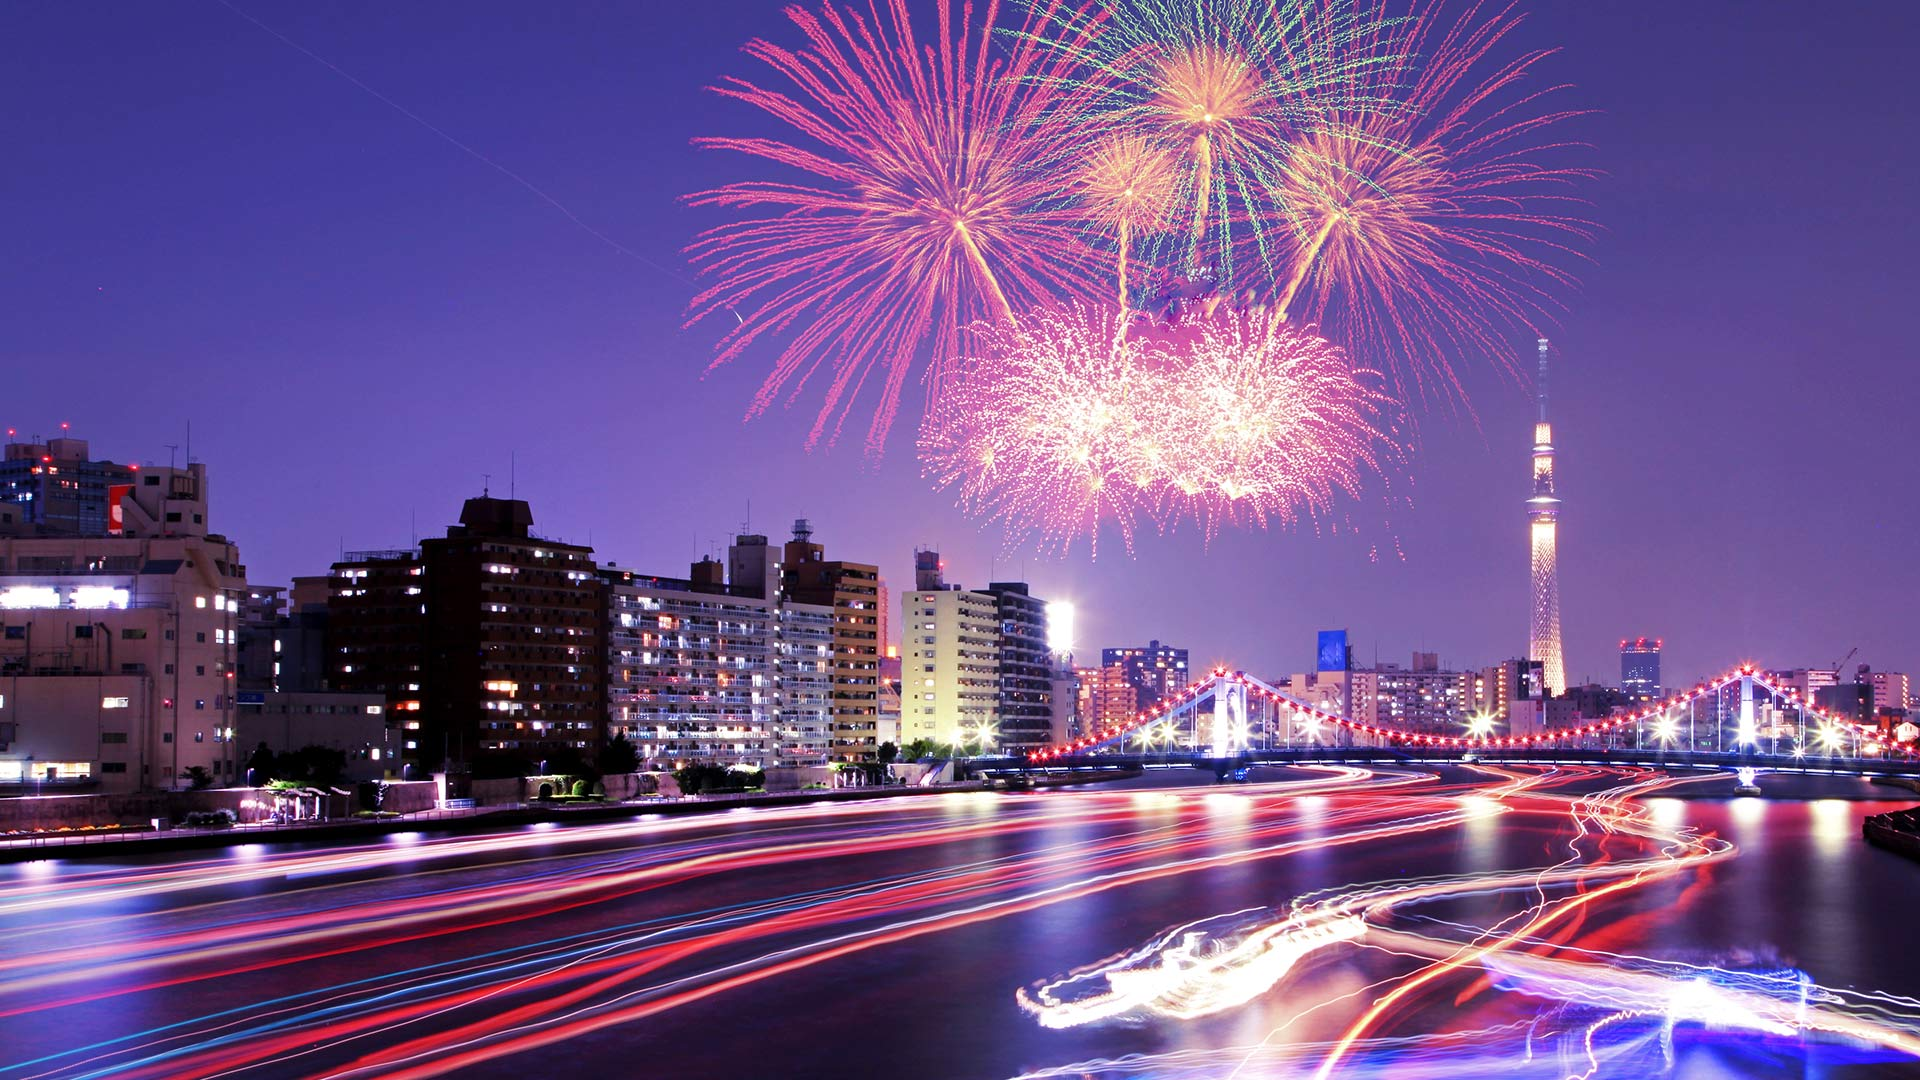 Sumida Fireworks